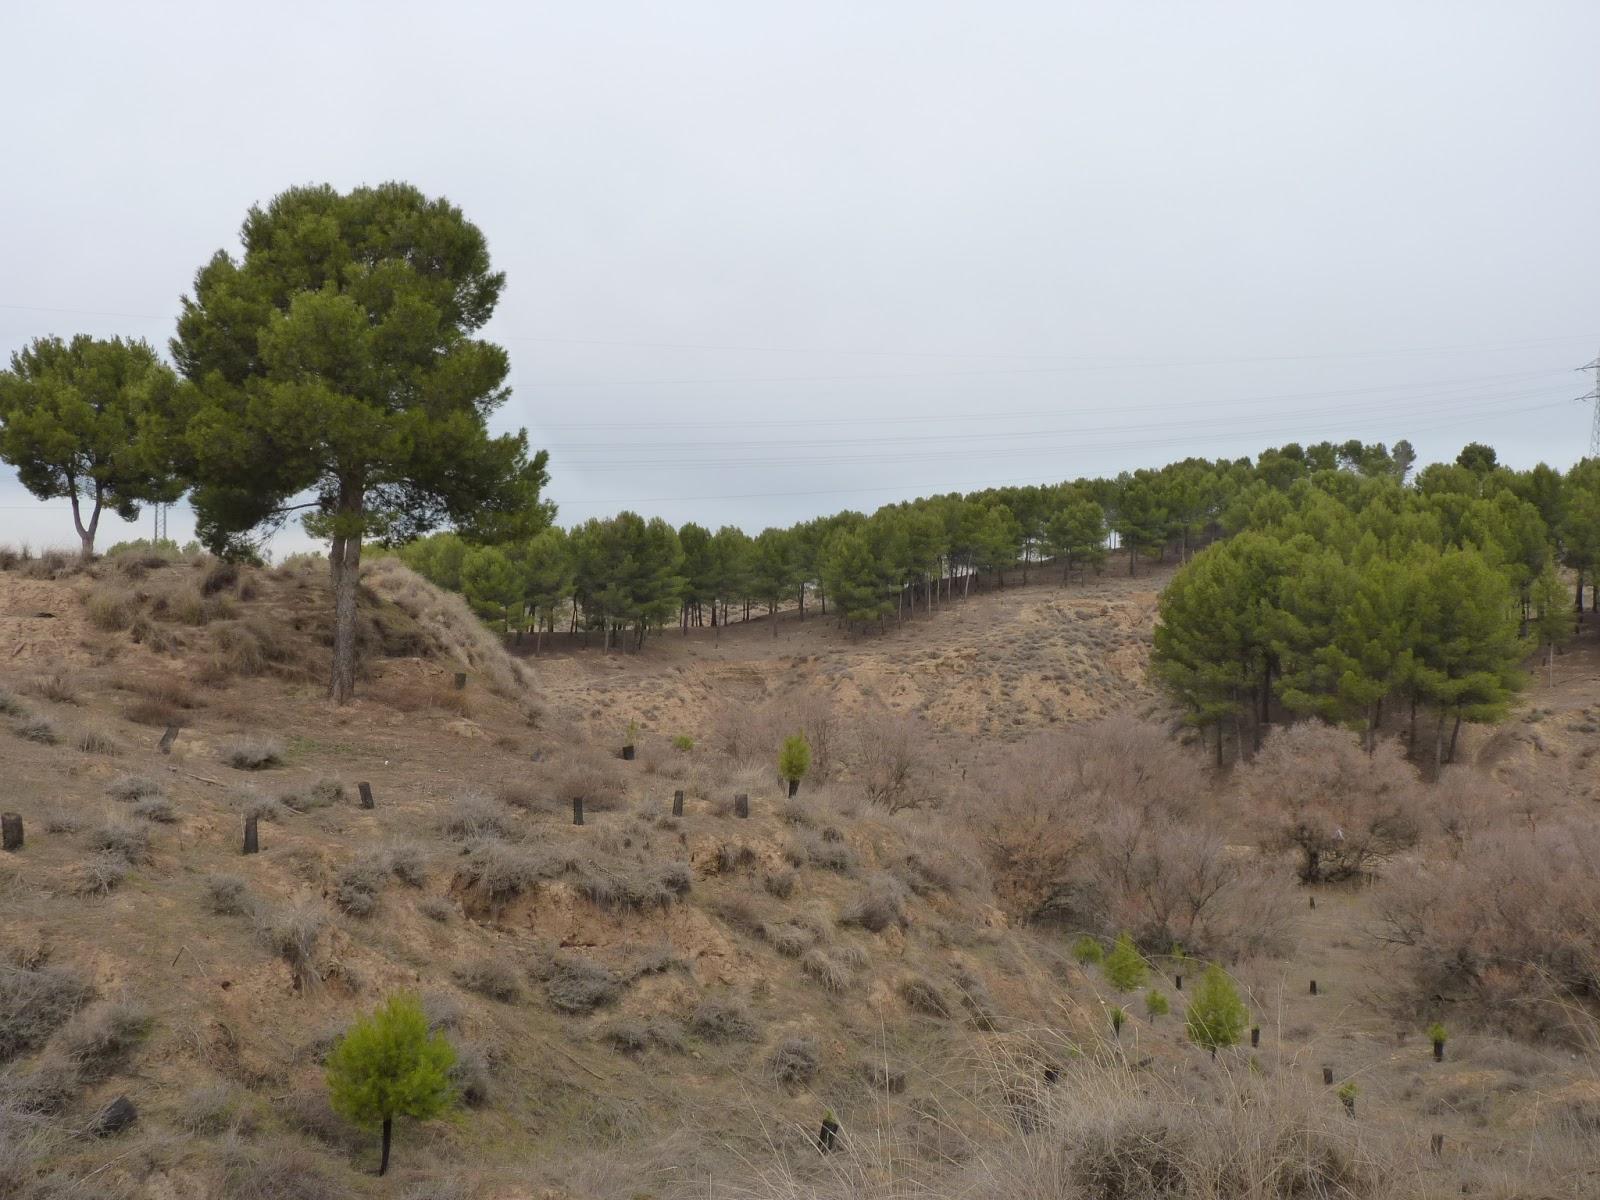 Parque de los Cerros (Alcalá de Henares)